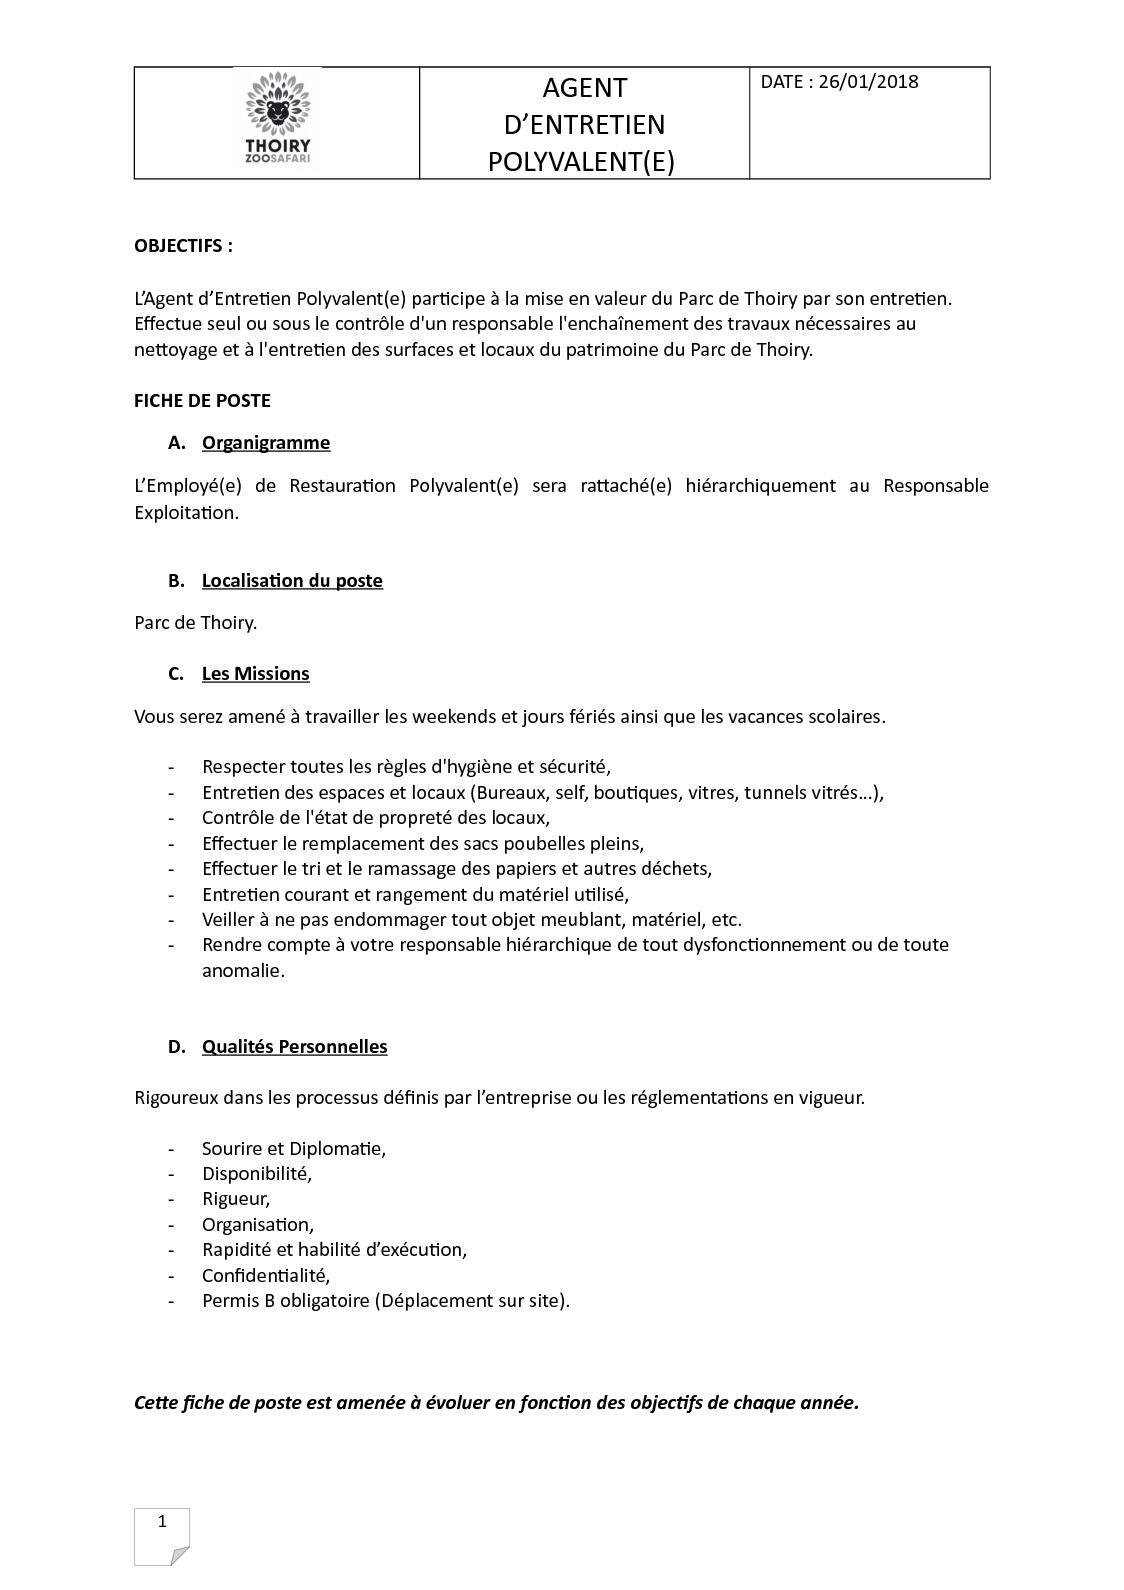 Calaméo - Agent D'Entretien Polyvalent(e) Fiche De Poste